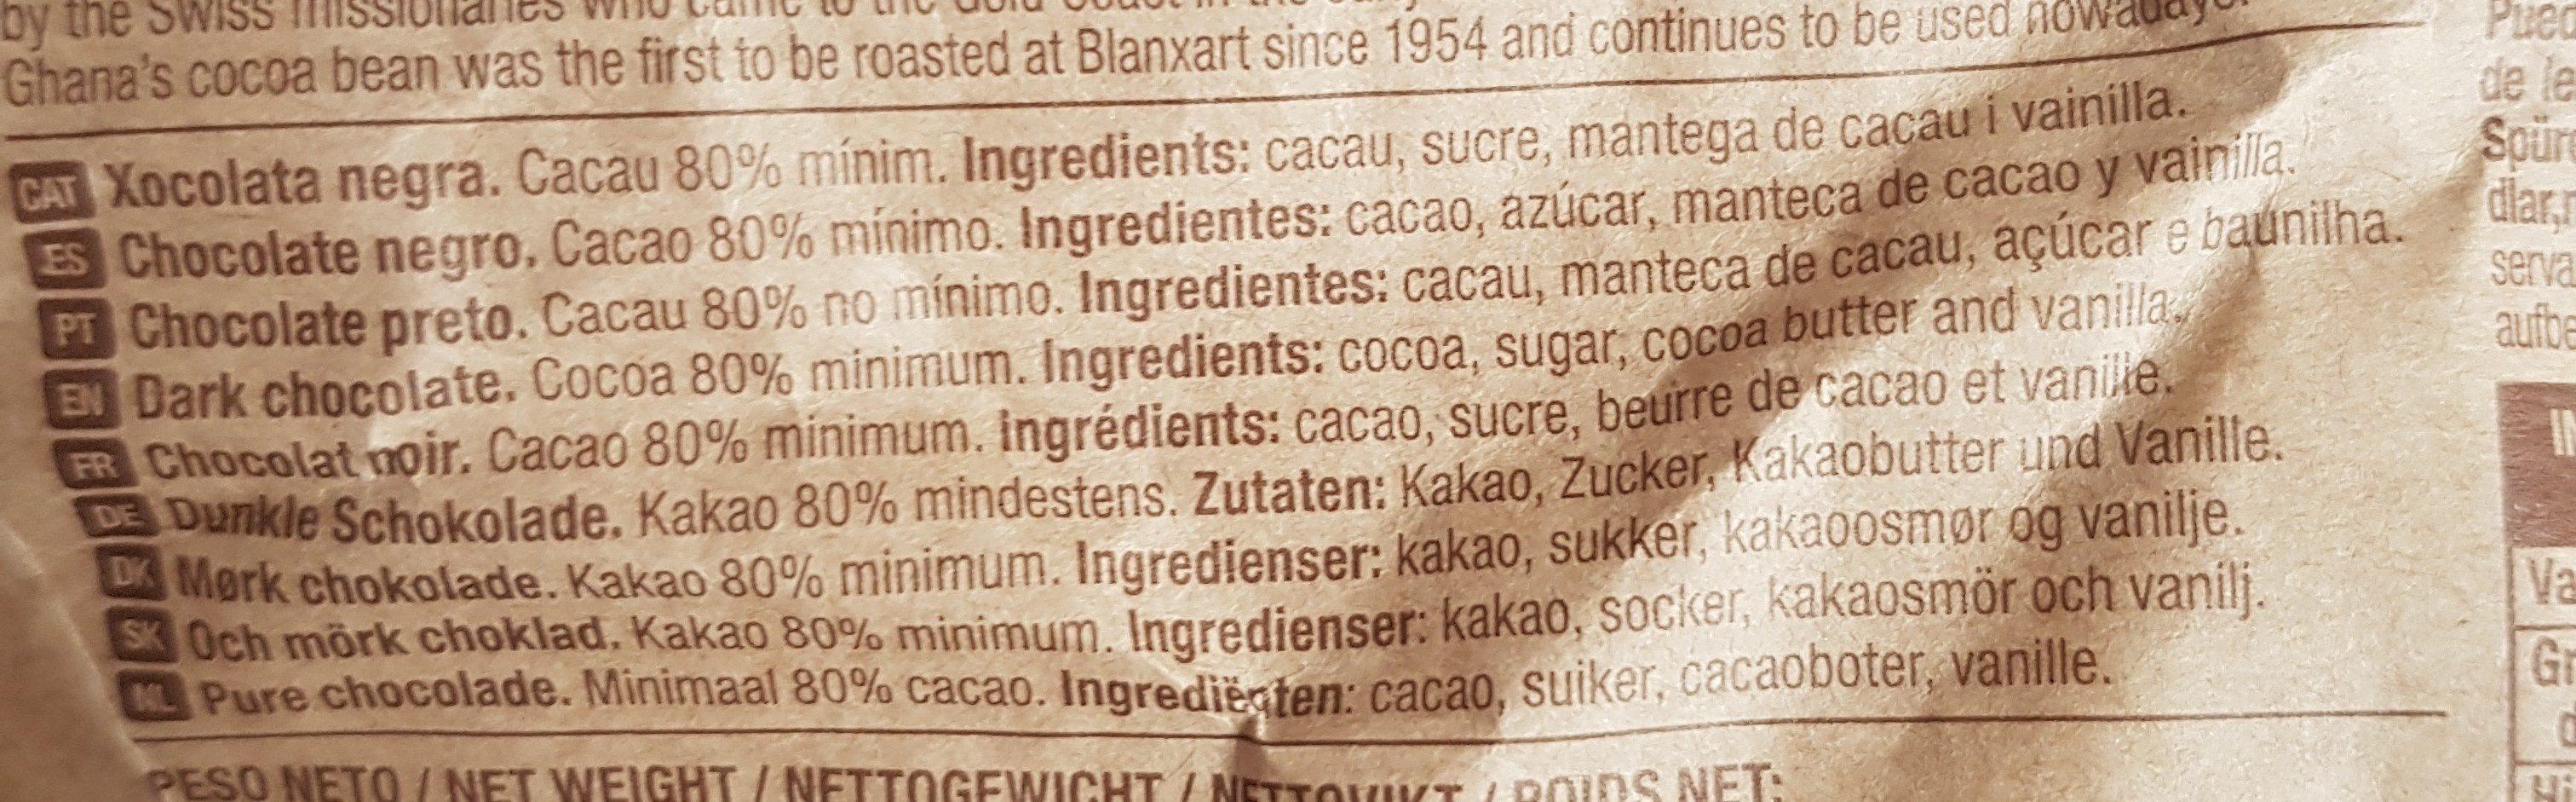 Chocolat - Ingredientes